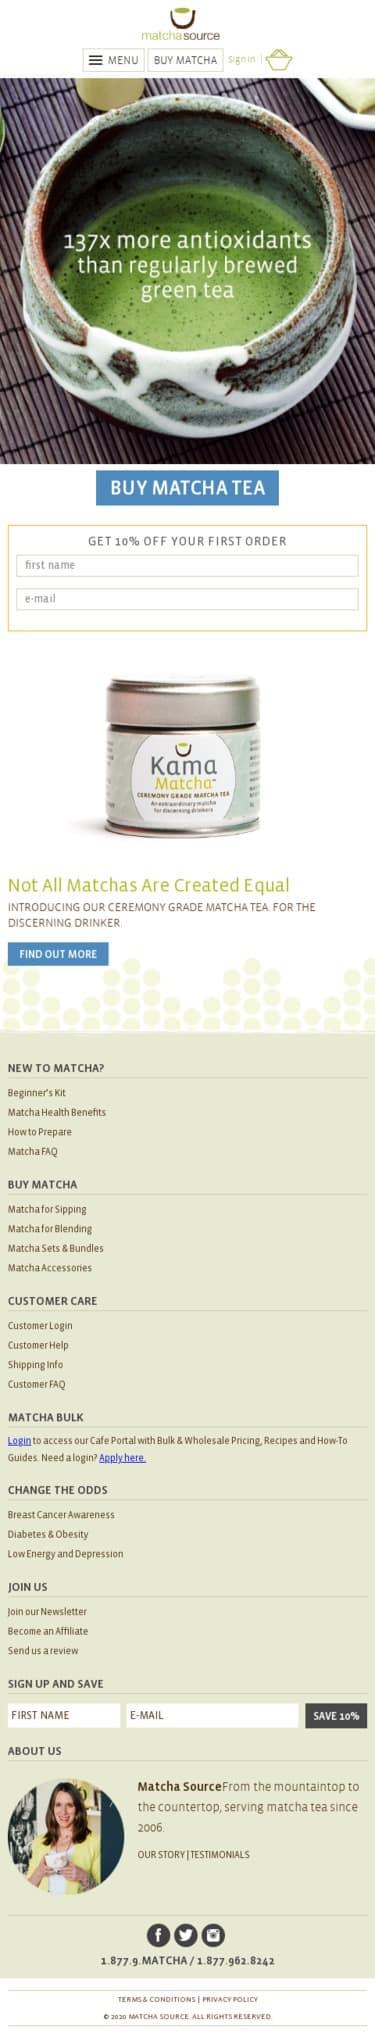 Matcha Source Coupon